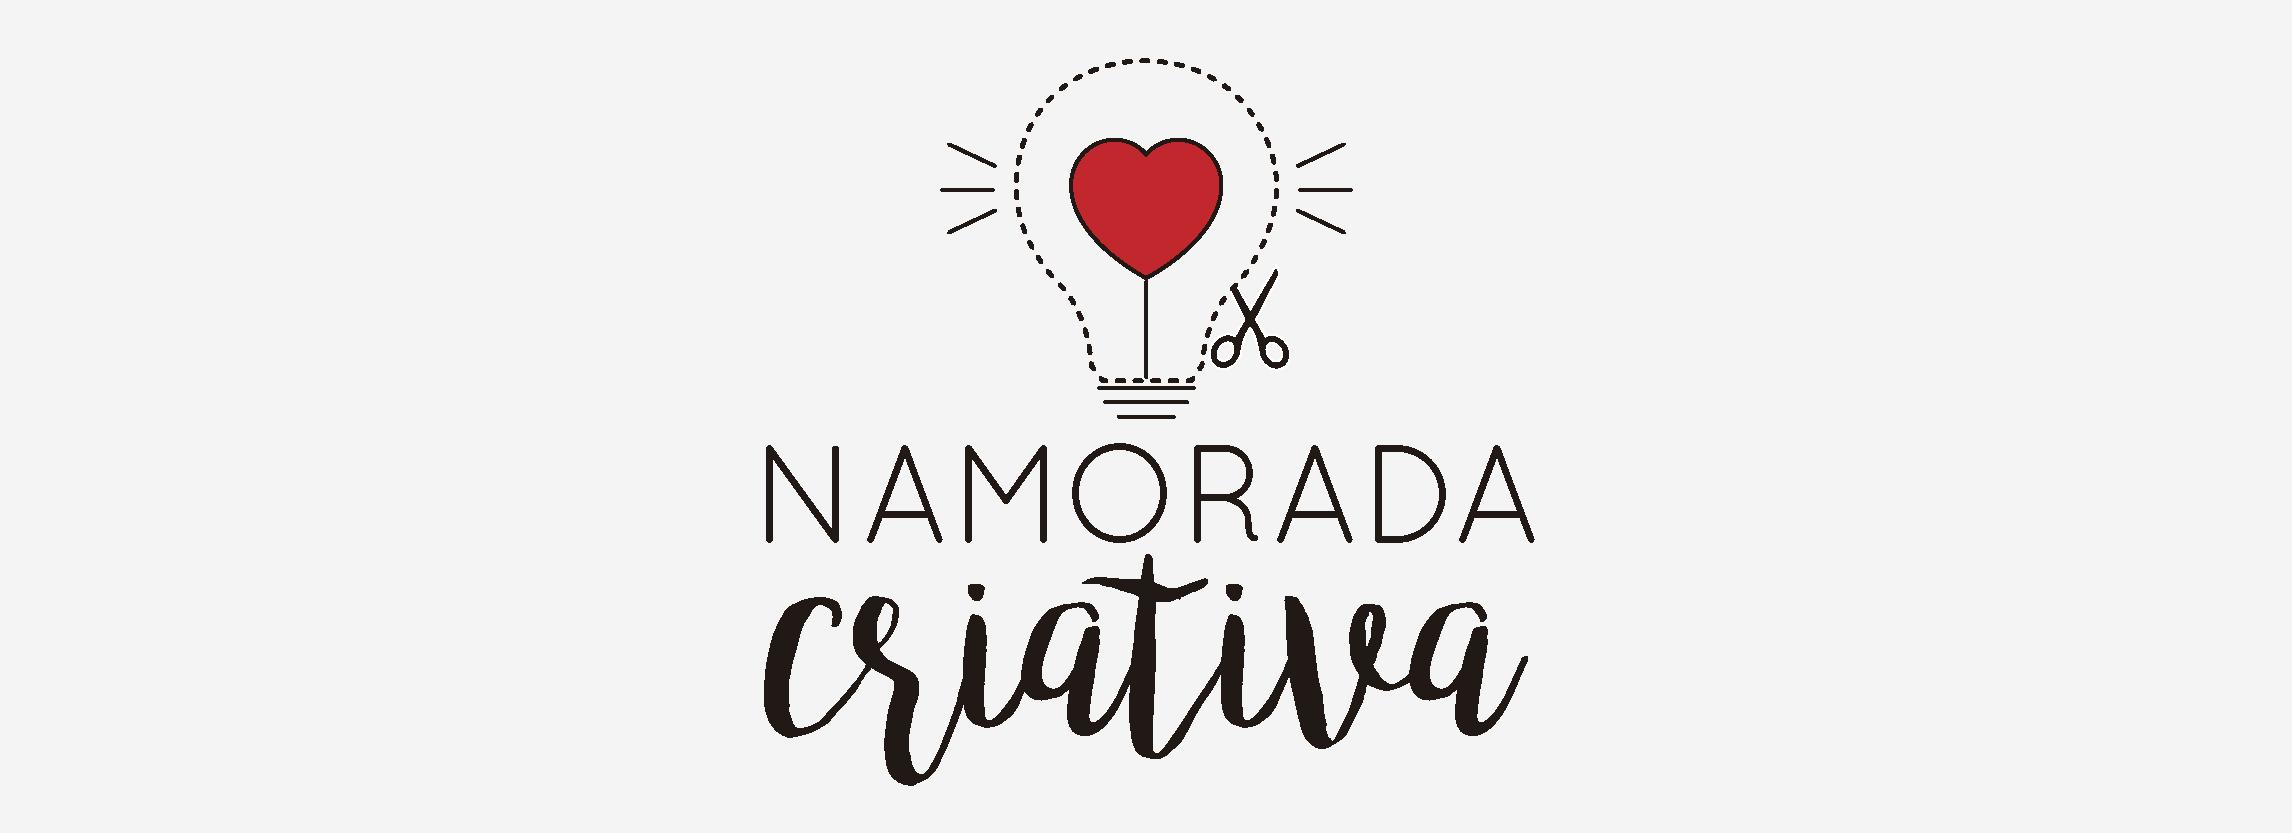 Namorada Criativa